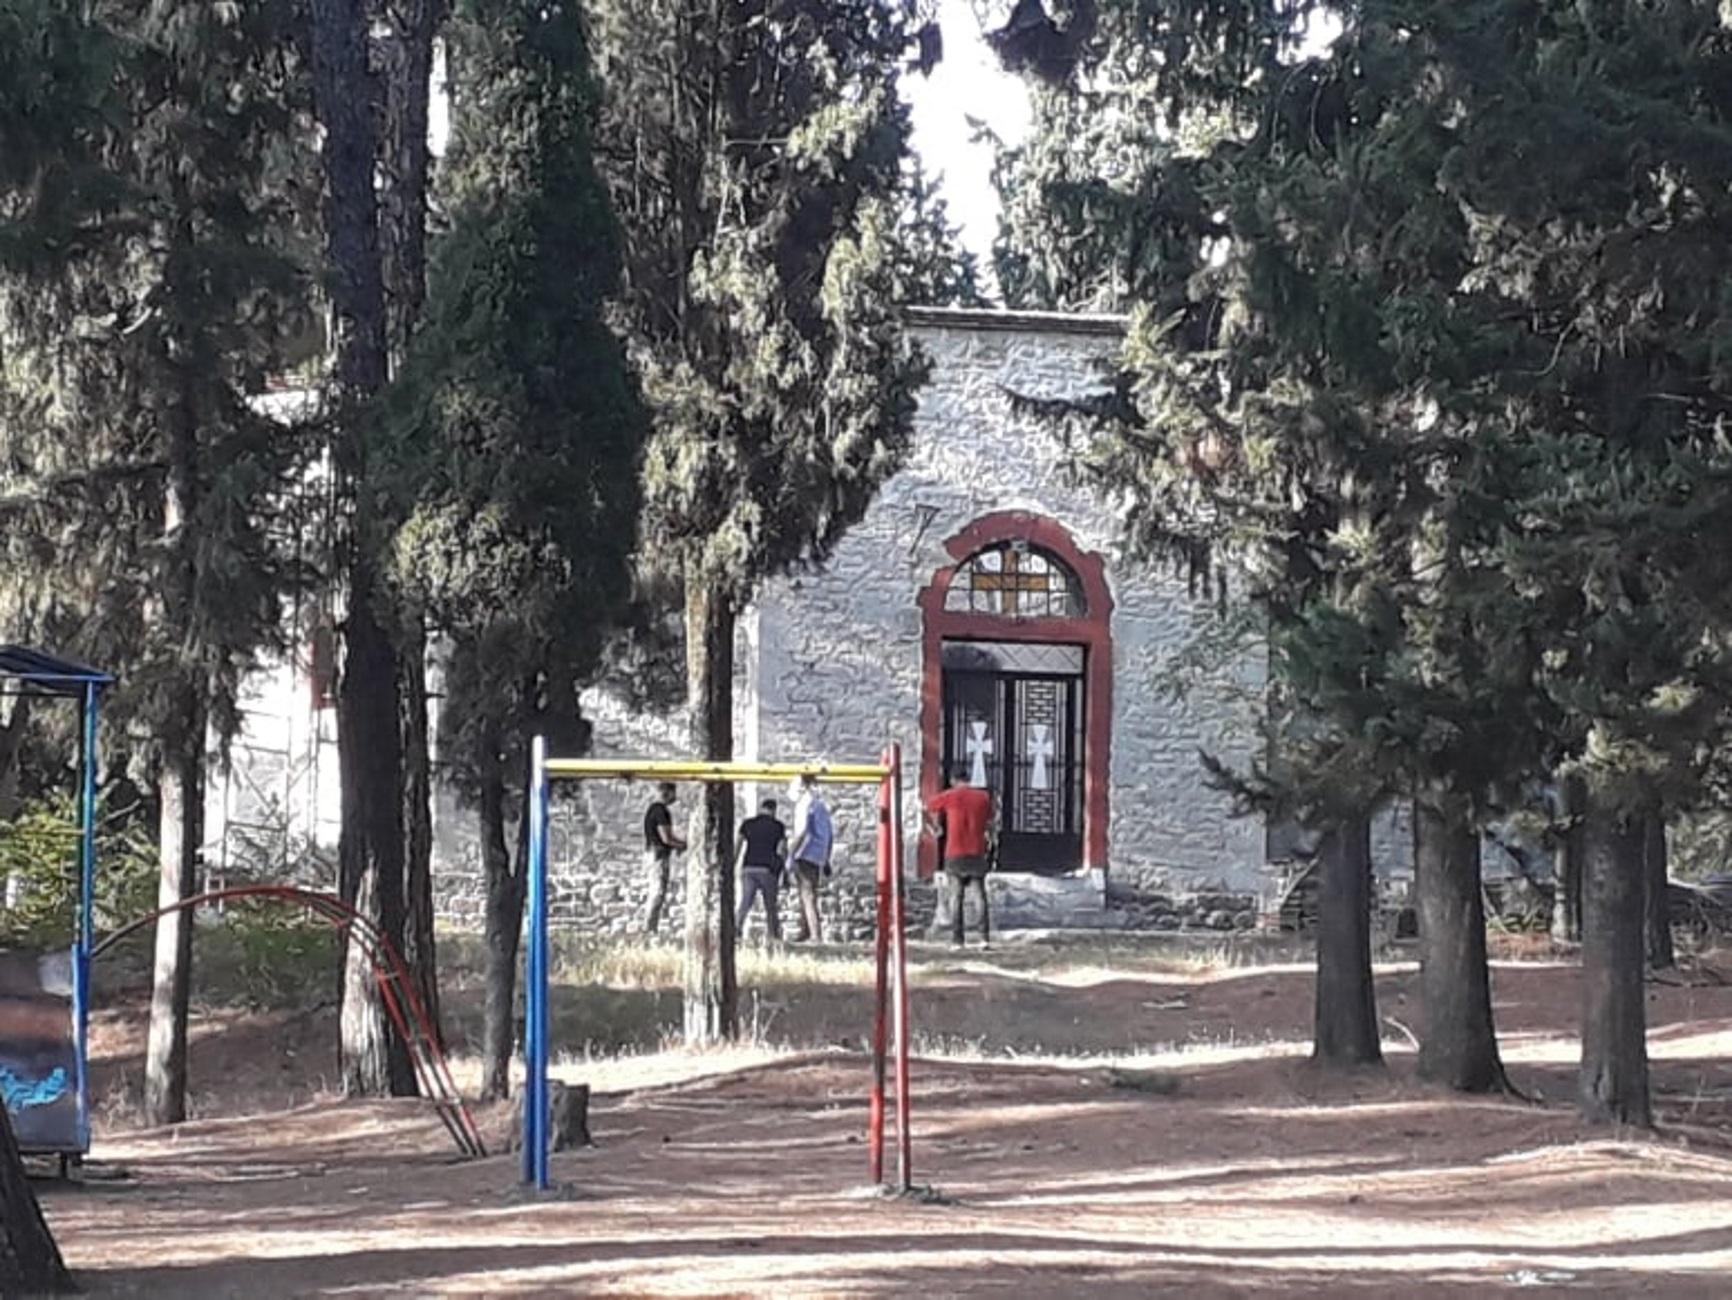 Τρίκαλα: Αυτό είναι το πόρισμα για το κινητό της 16χρονης Μαρίας, που βρέθηκε νεκρή στην είσοδο εκκλησίας